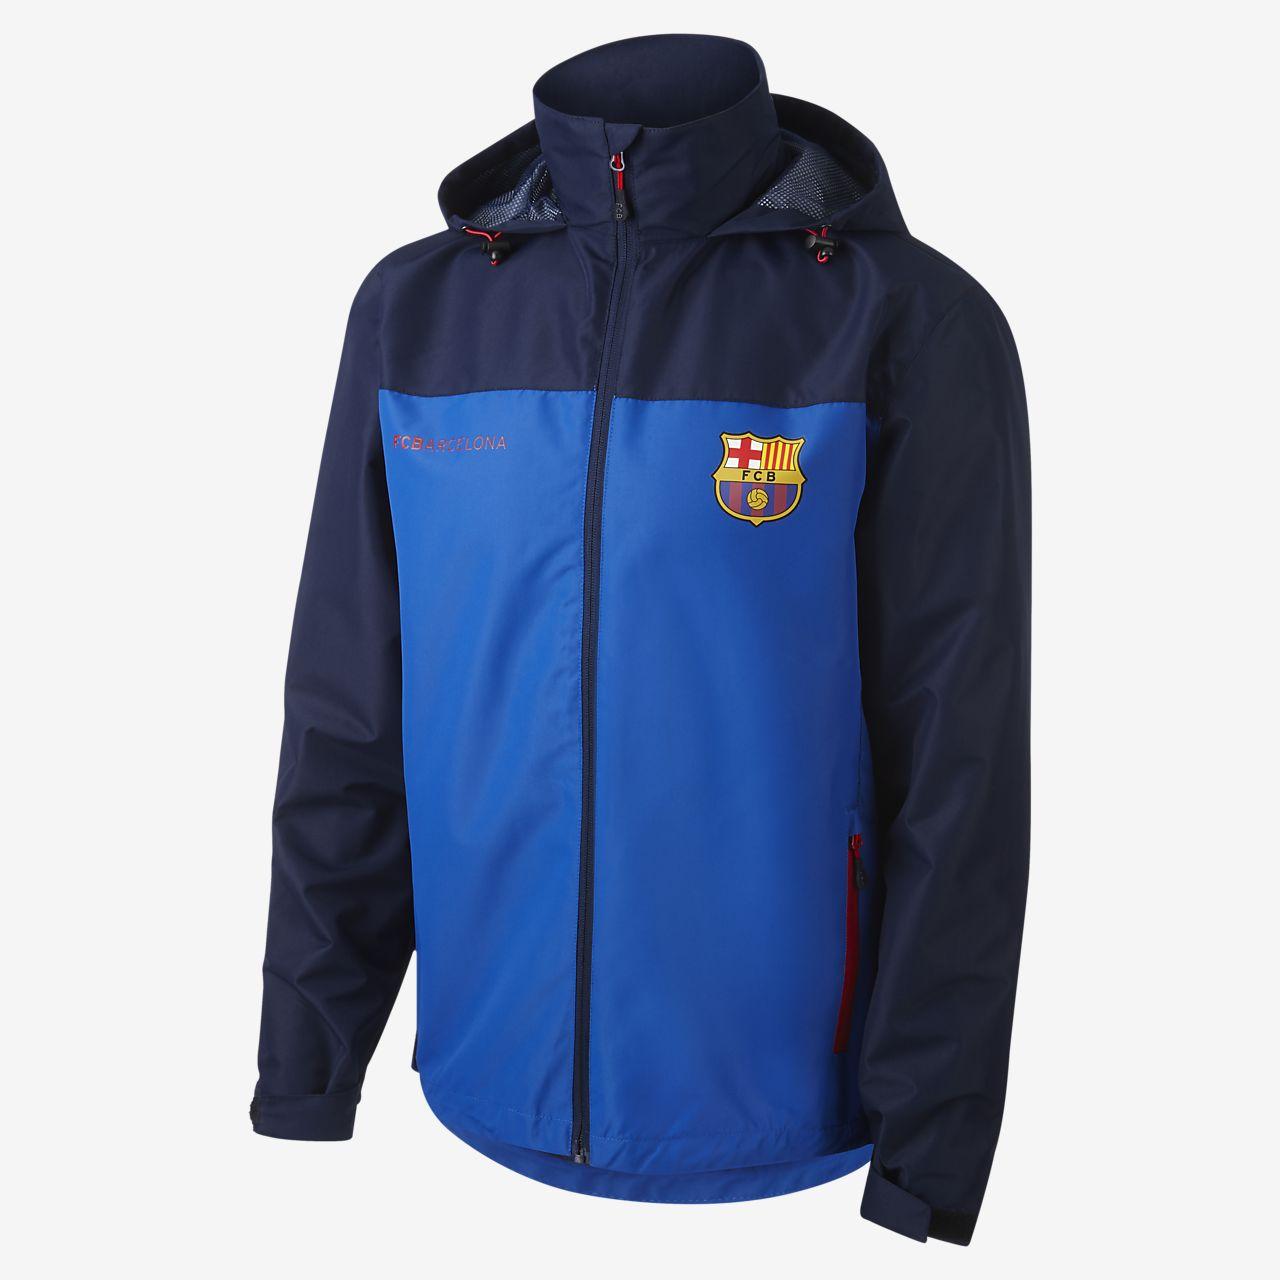 9813c46d0abce FC Barcelona Active Chaqueta - Hombre. Nike.com ES